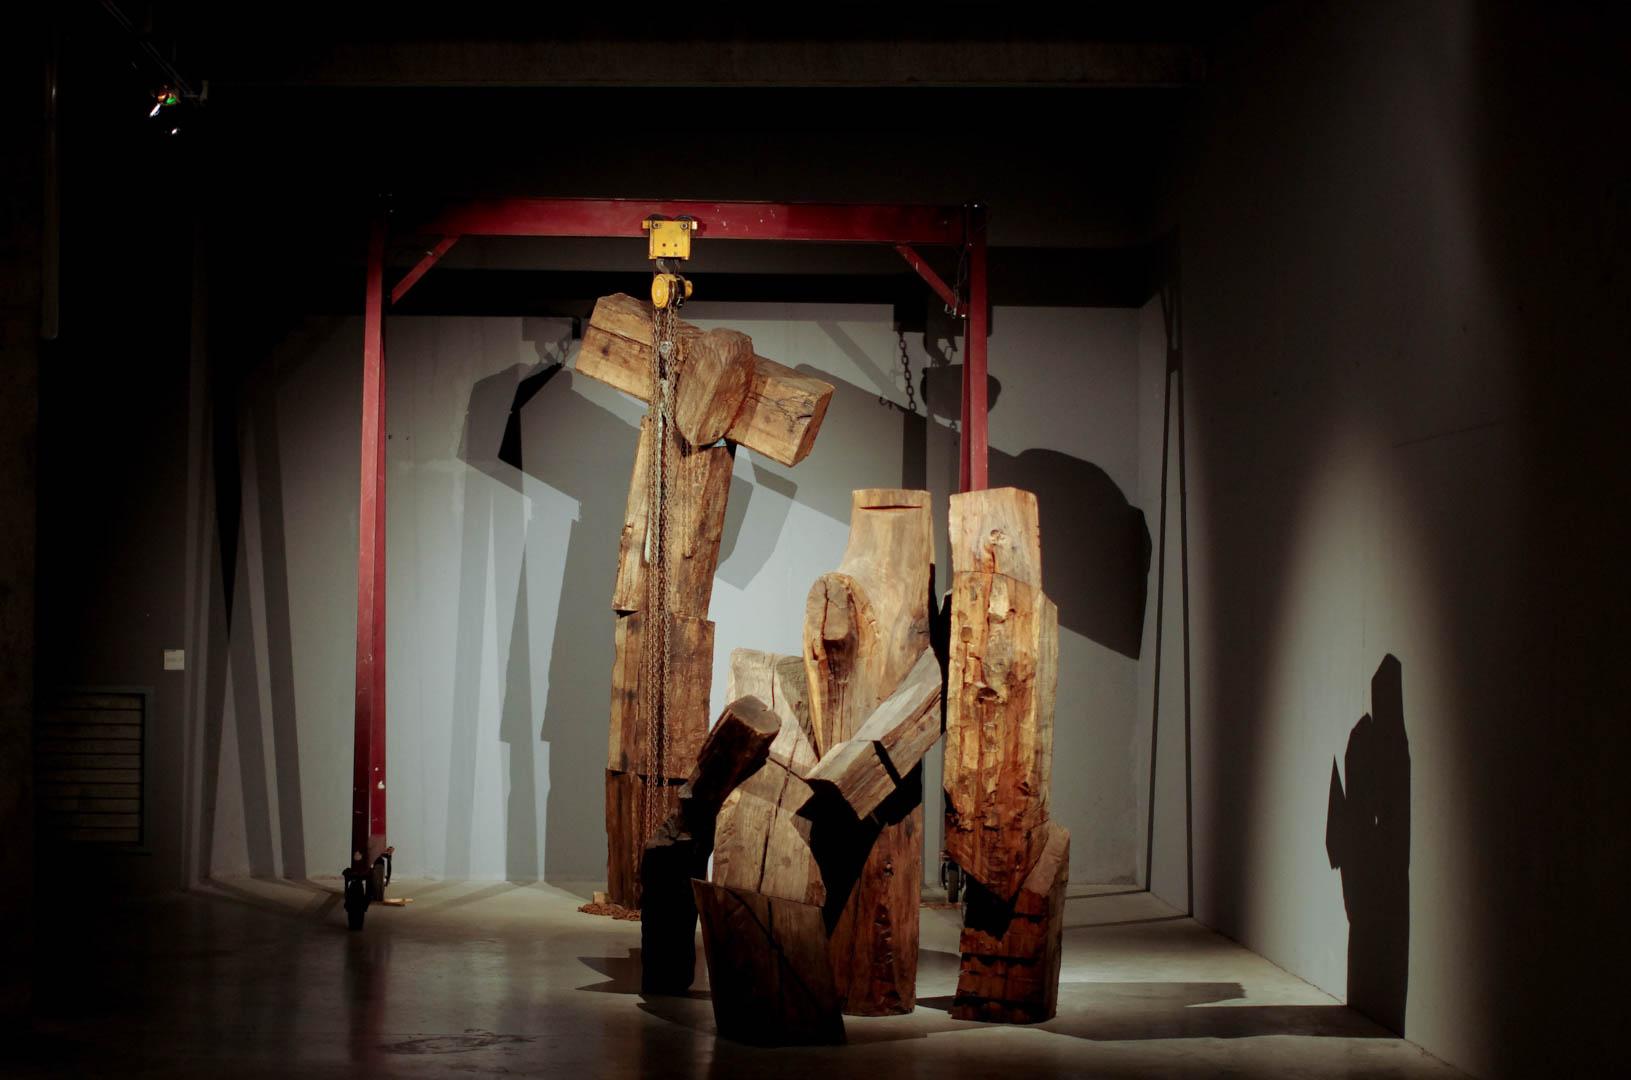 centre d'art sacre de lille  cathedrale notre dame de la treille 6038